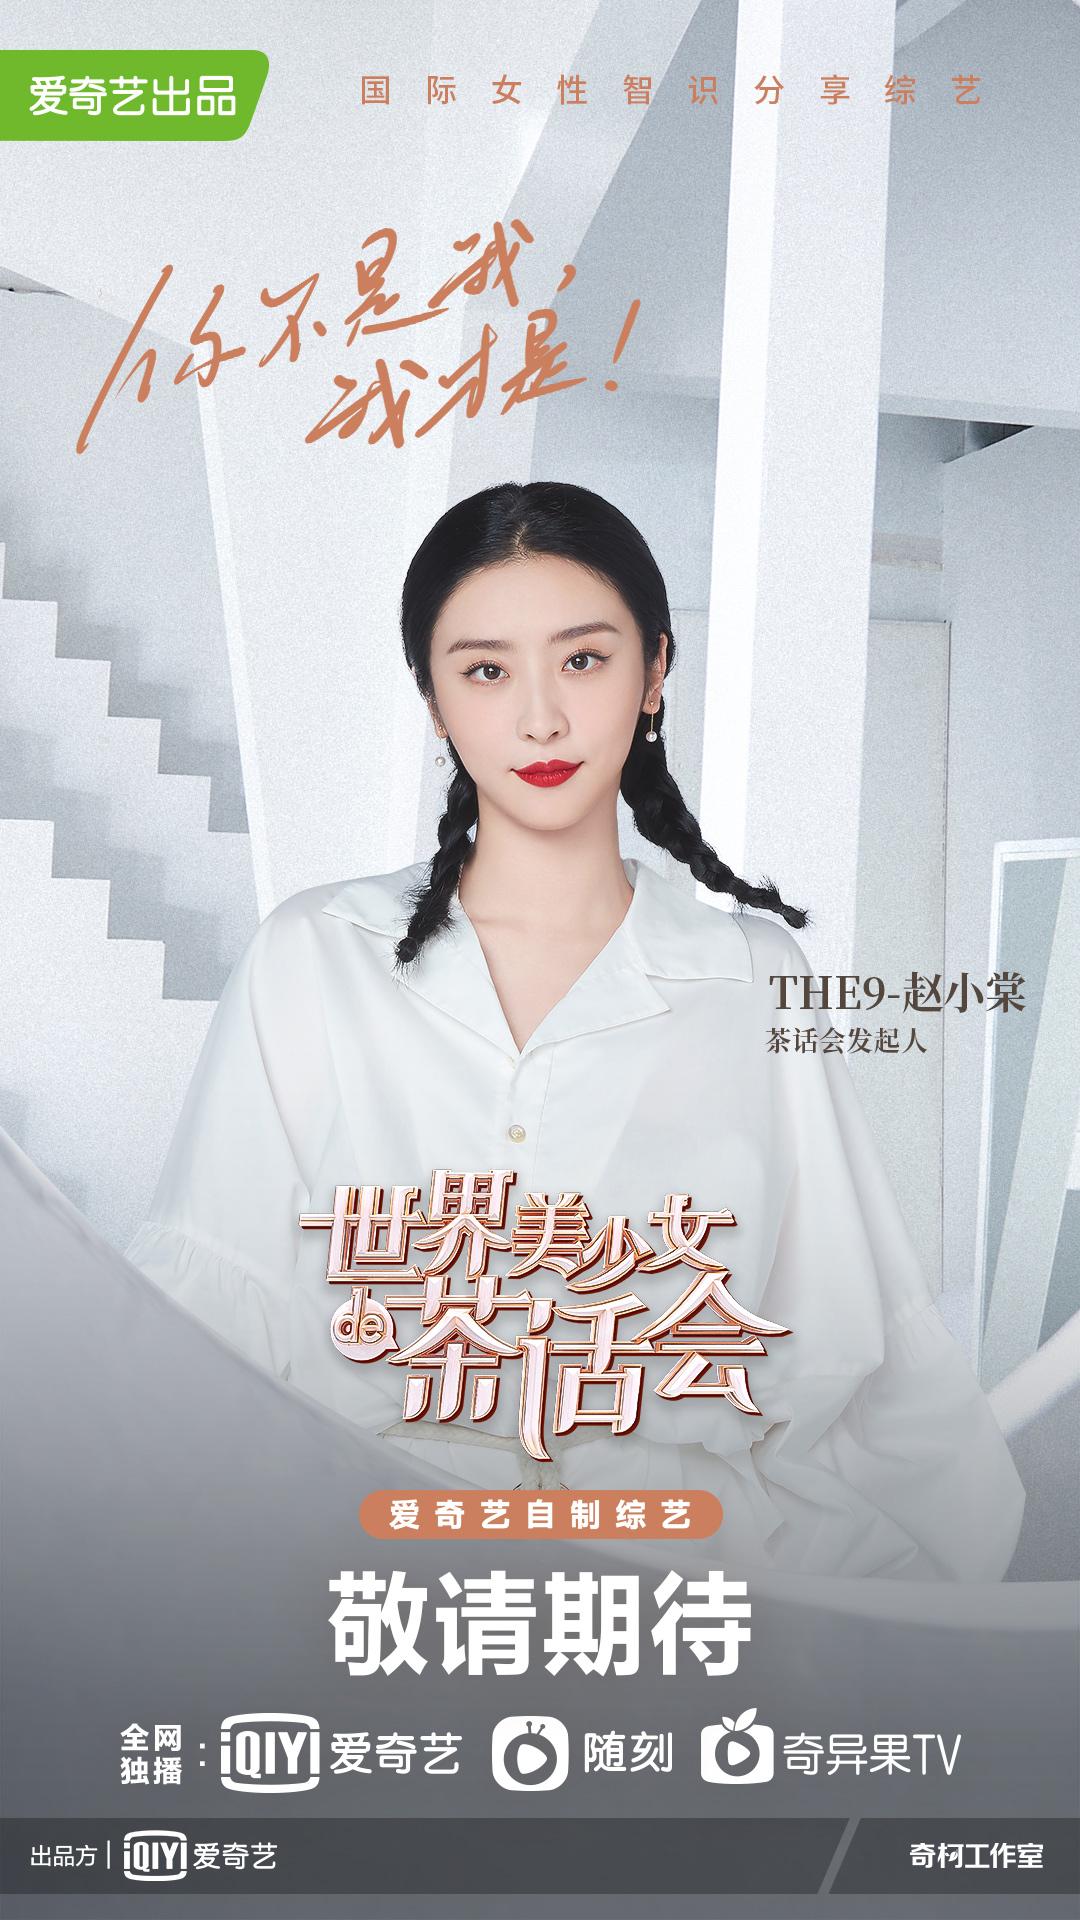 """大左THE9-赵小棠加盟《世界美少女的茶话会》探寻""""她""""视角"""